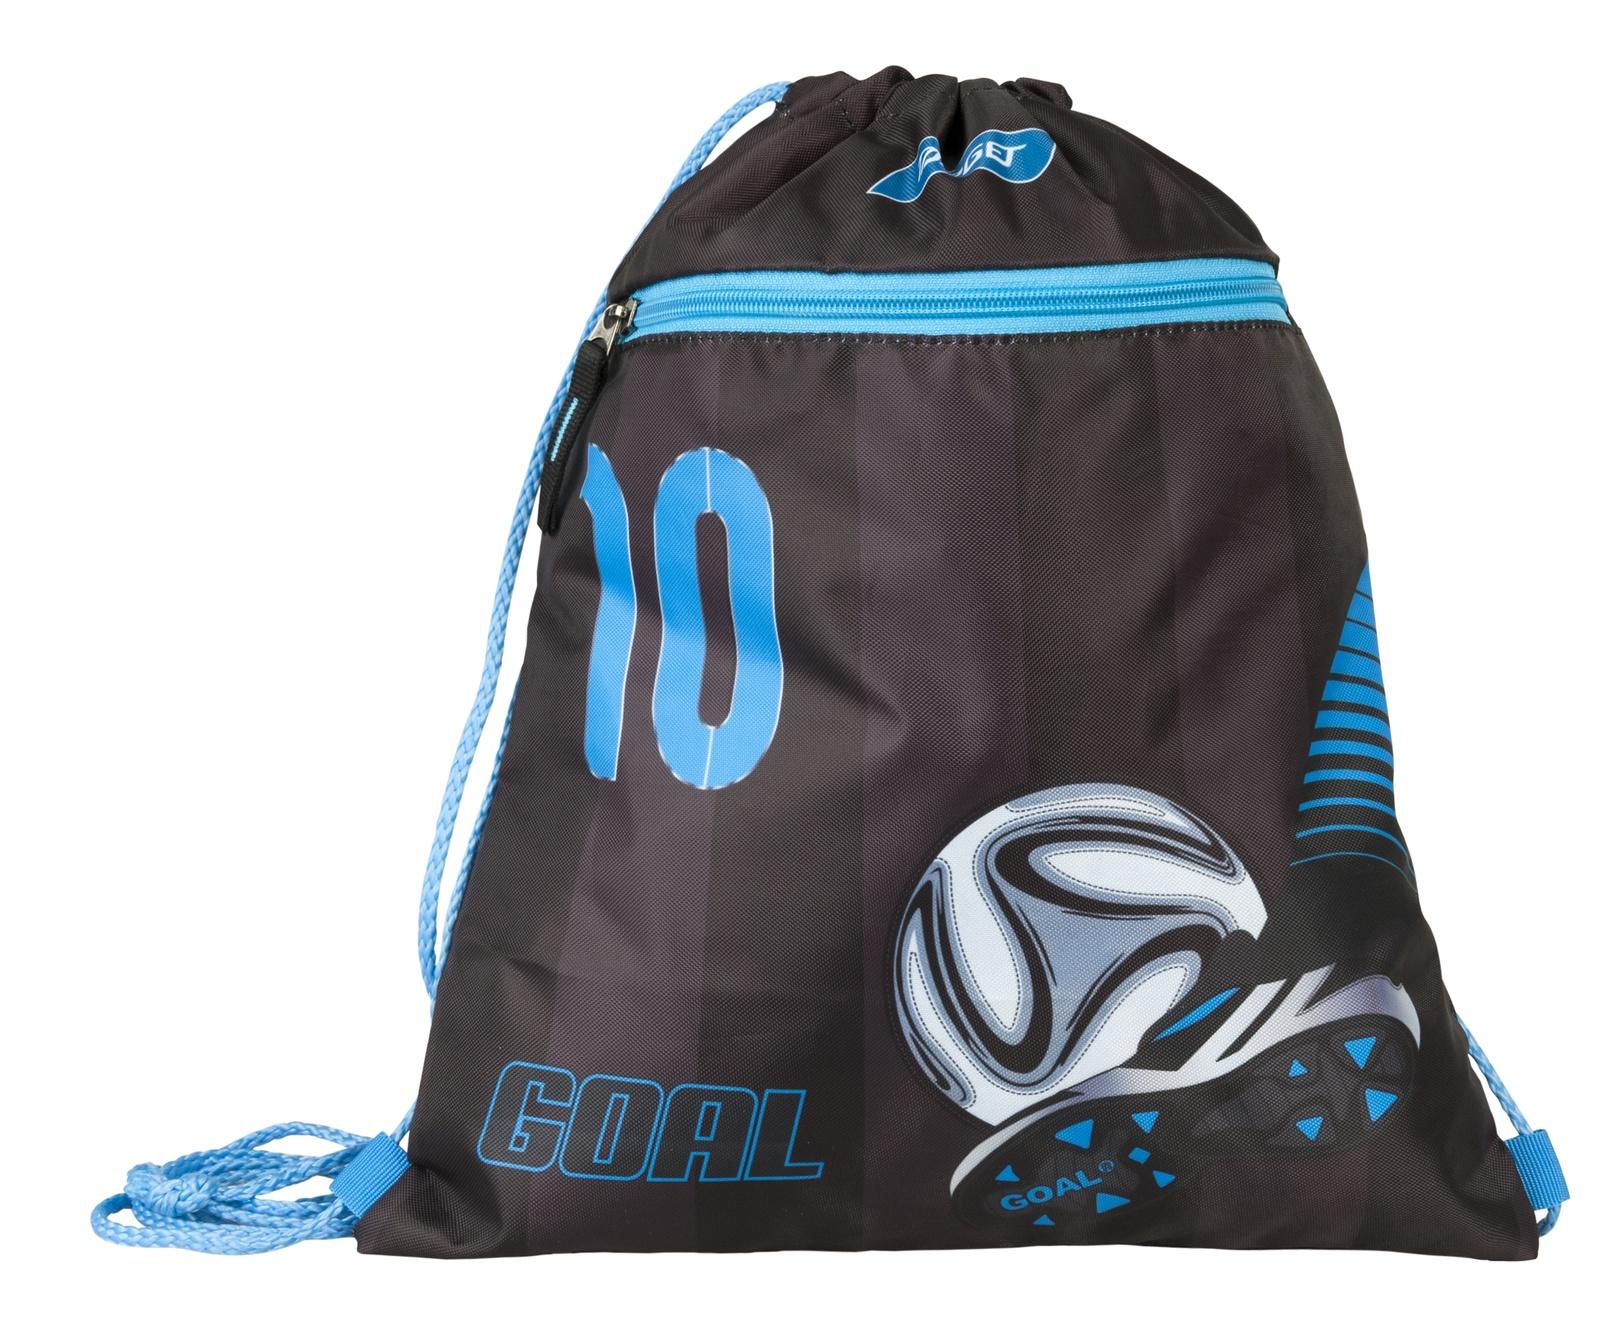 Фото - Сумка Target для детской сменной обуви Футбол, цвет:черный,синий сумка target для детской сменной обуви sparkling цвет синий